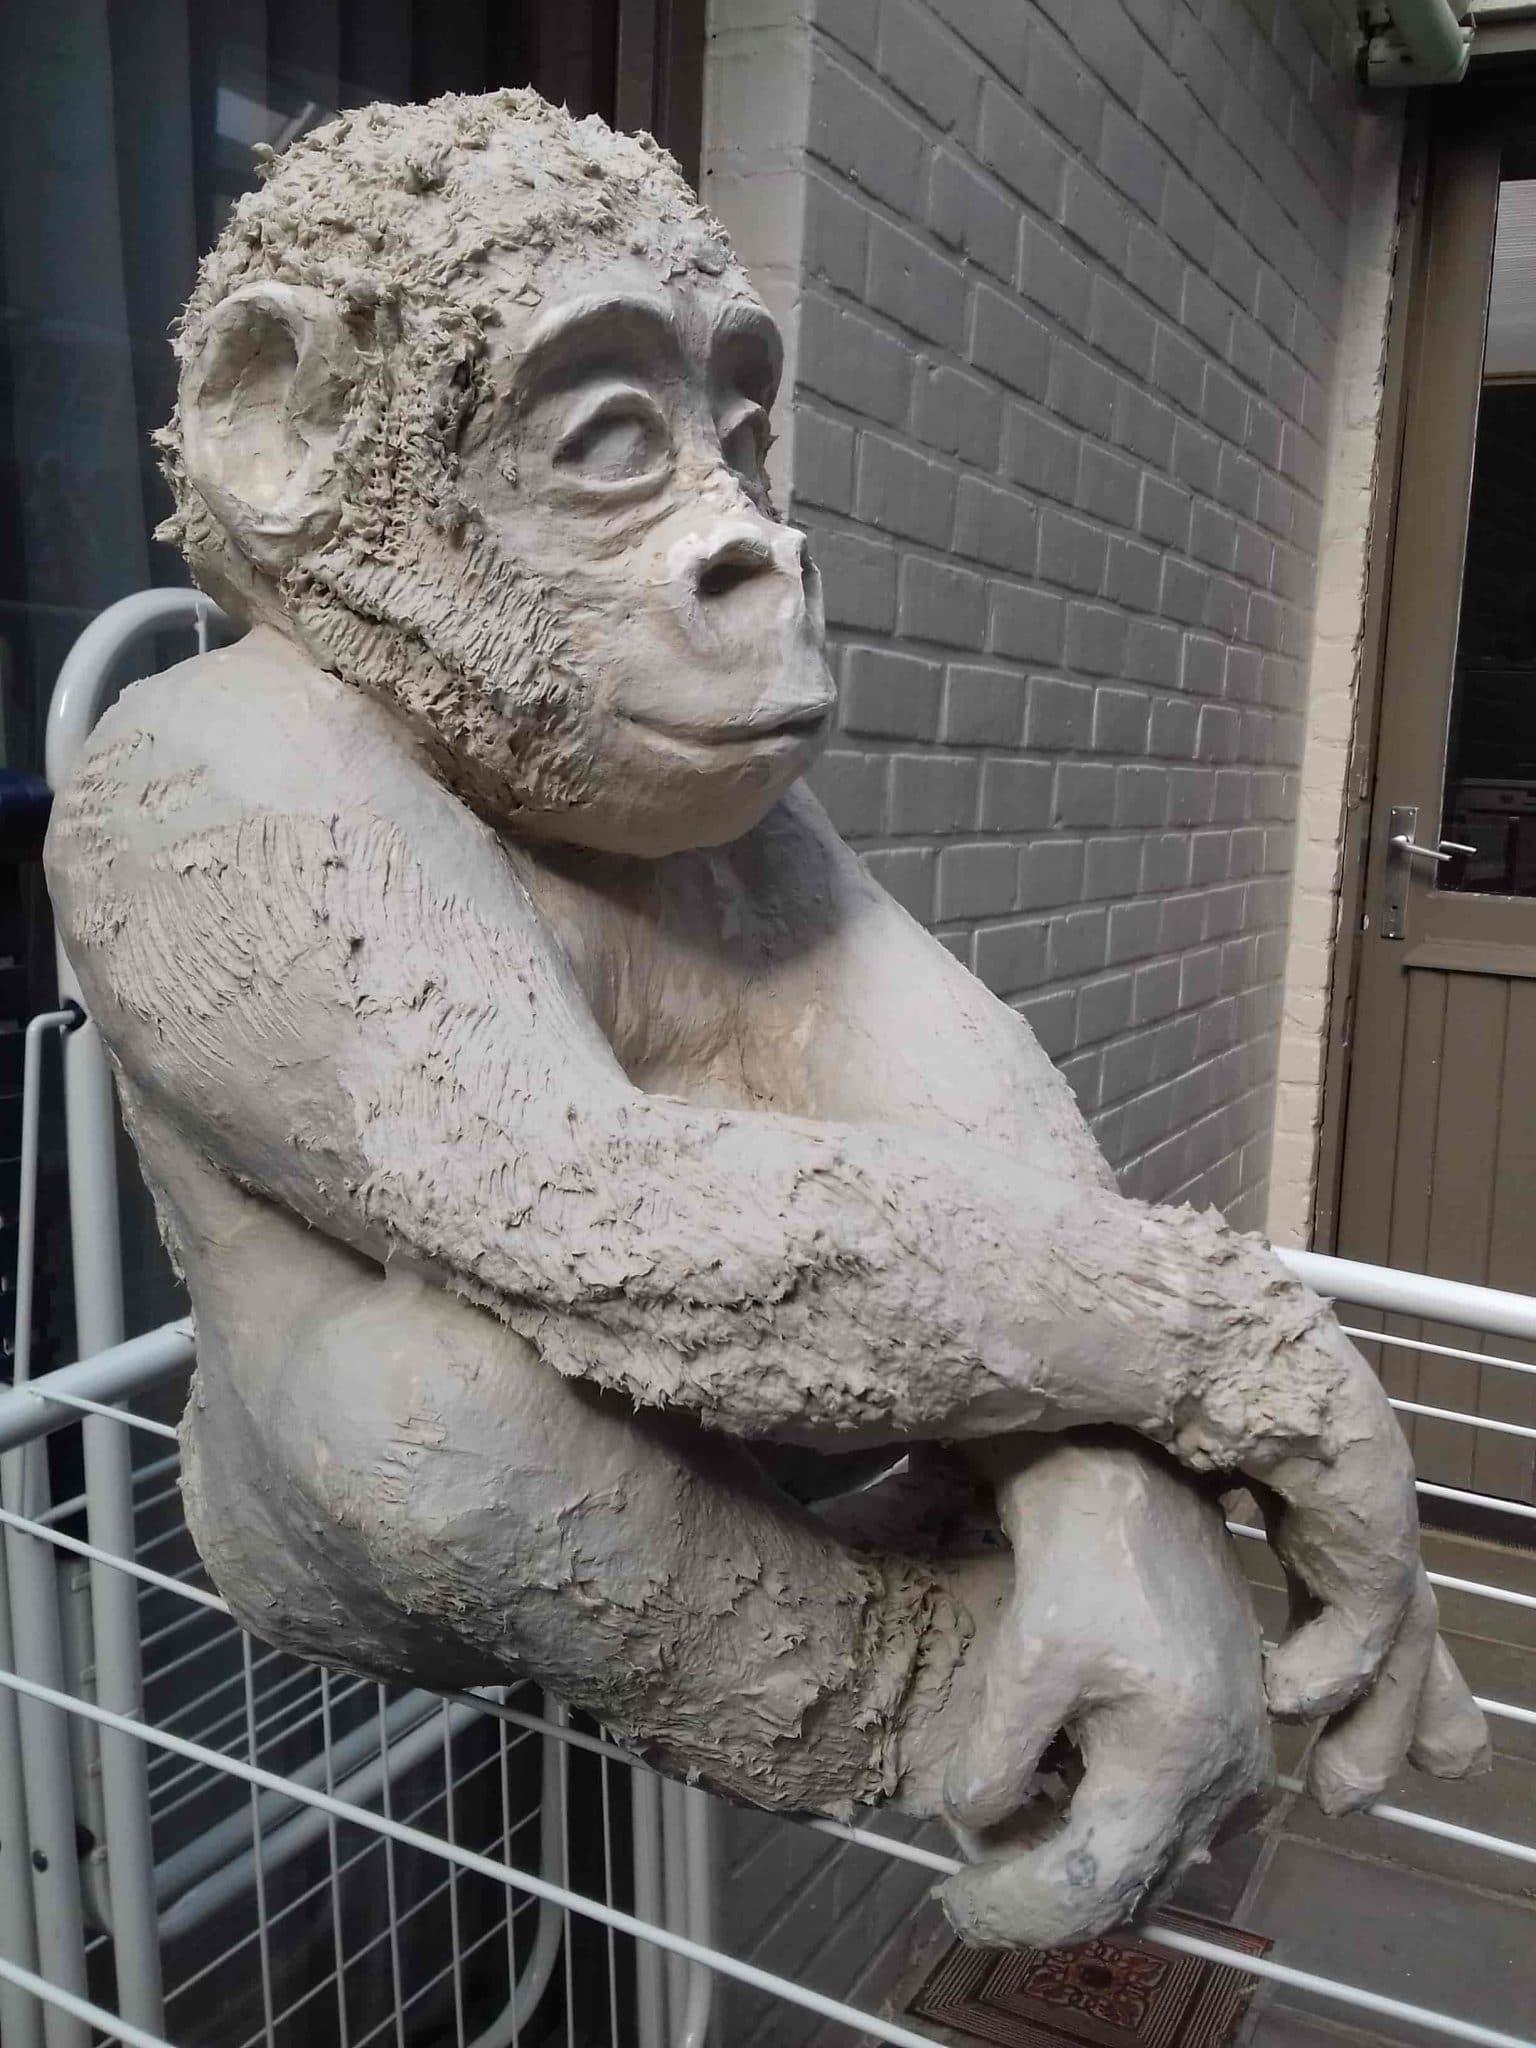 Baby gorilla sculpture